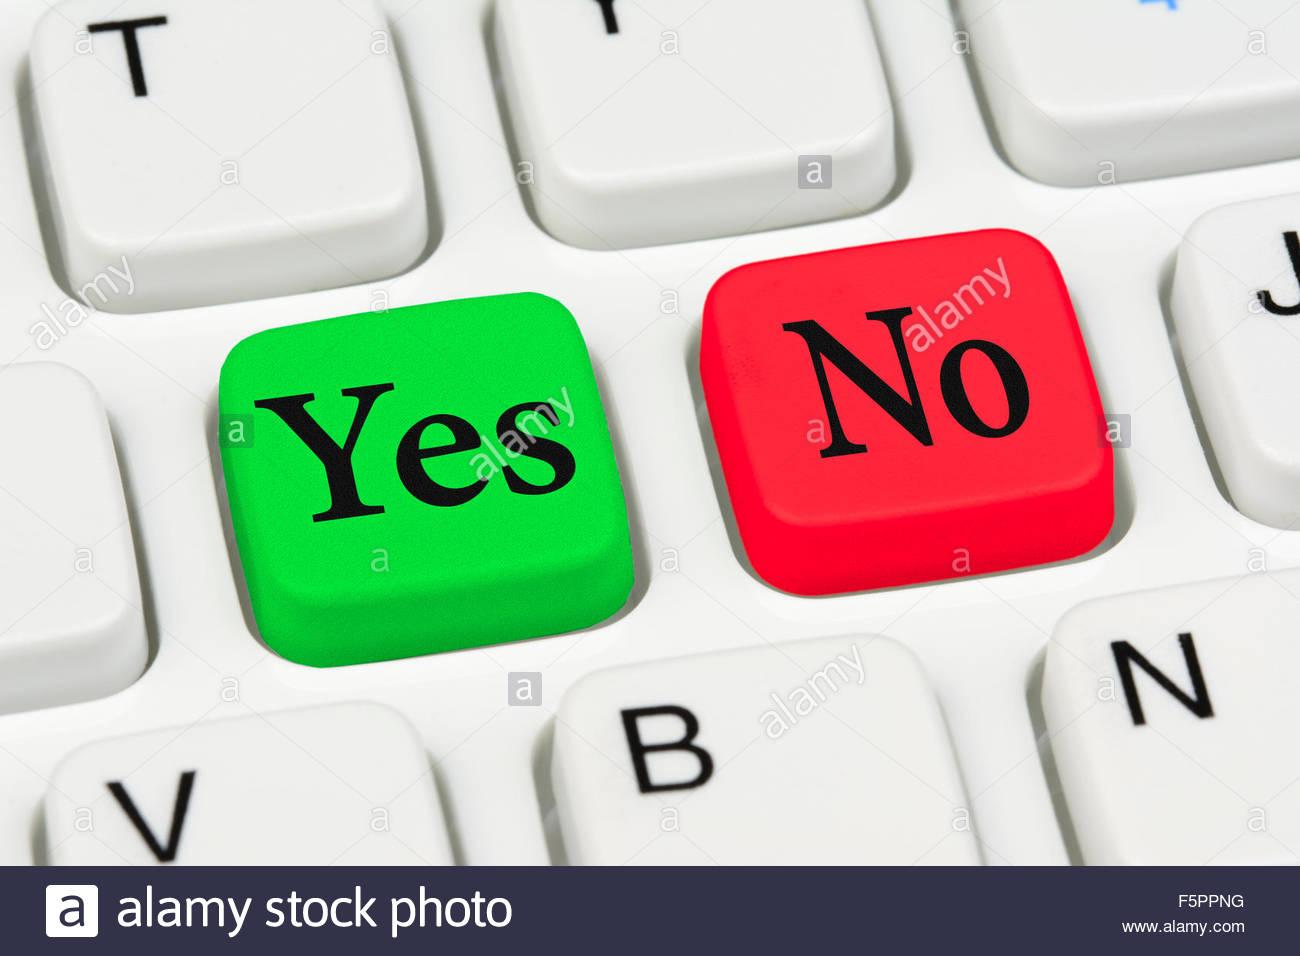 Il processo decisionale con sì e no i pulsanti sulla tastiera di un computer. Sì o No concetto. Immagini Stock